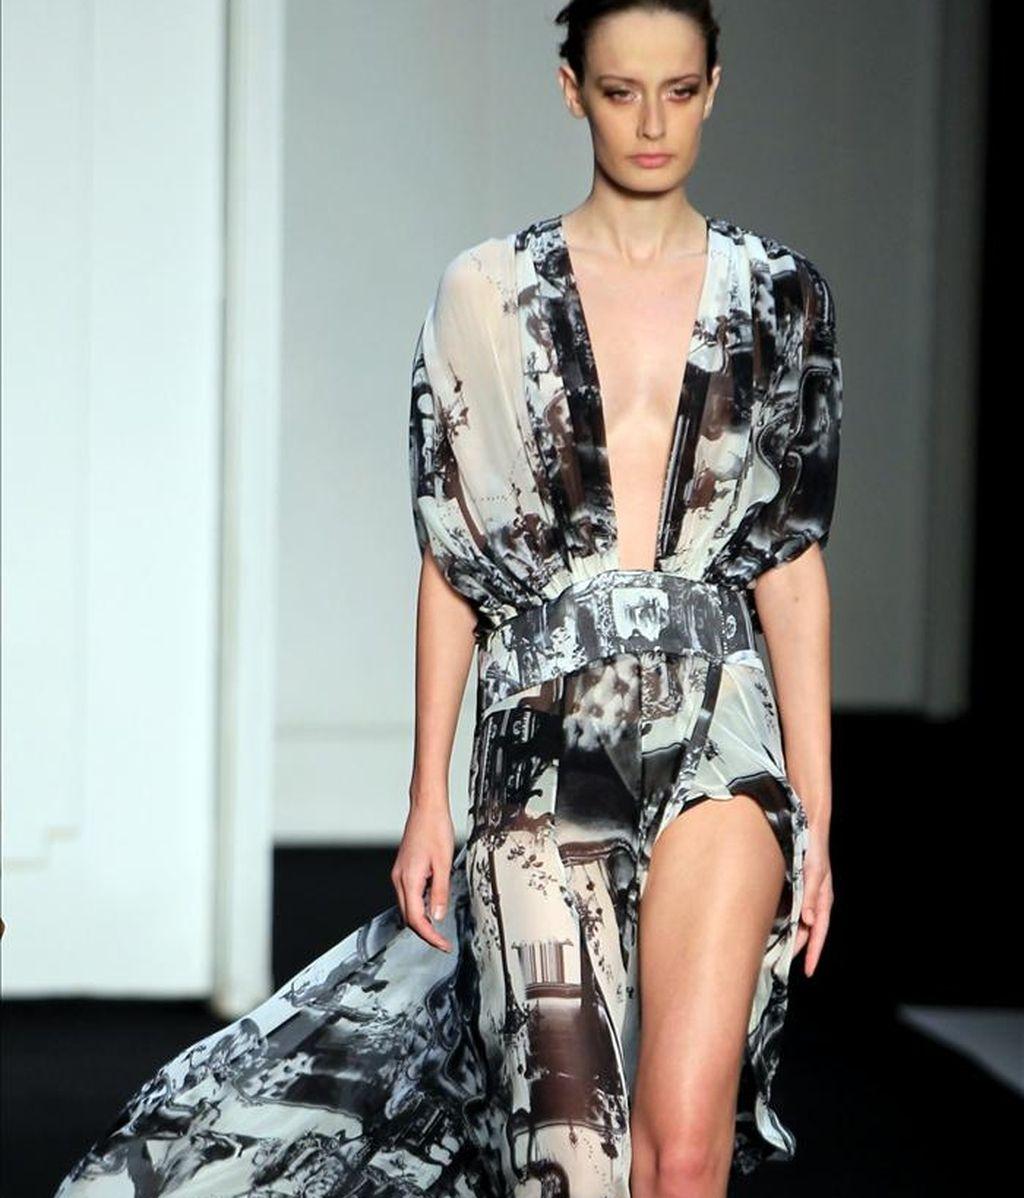 Una modelo presenta un diseño de la marca Filhas de Gaia durante la Semana de la Moda Invierno Fashion Río, en el Píer Mauá, en Río de Janeiro (Brasil). EFE/ EFE